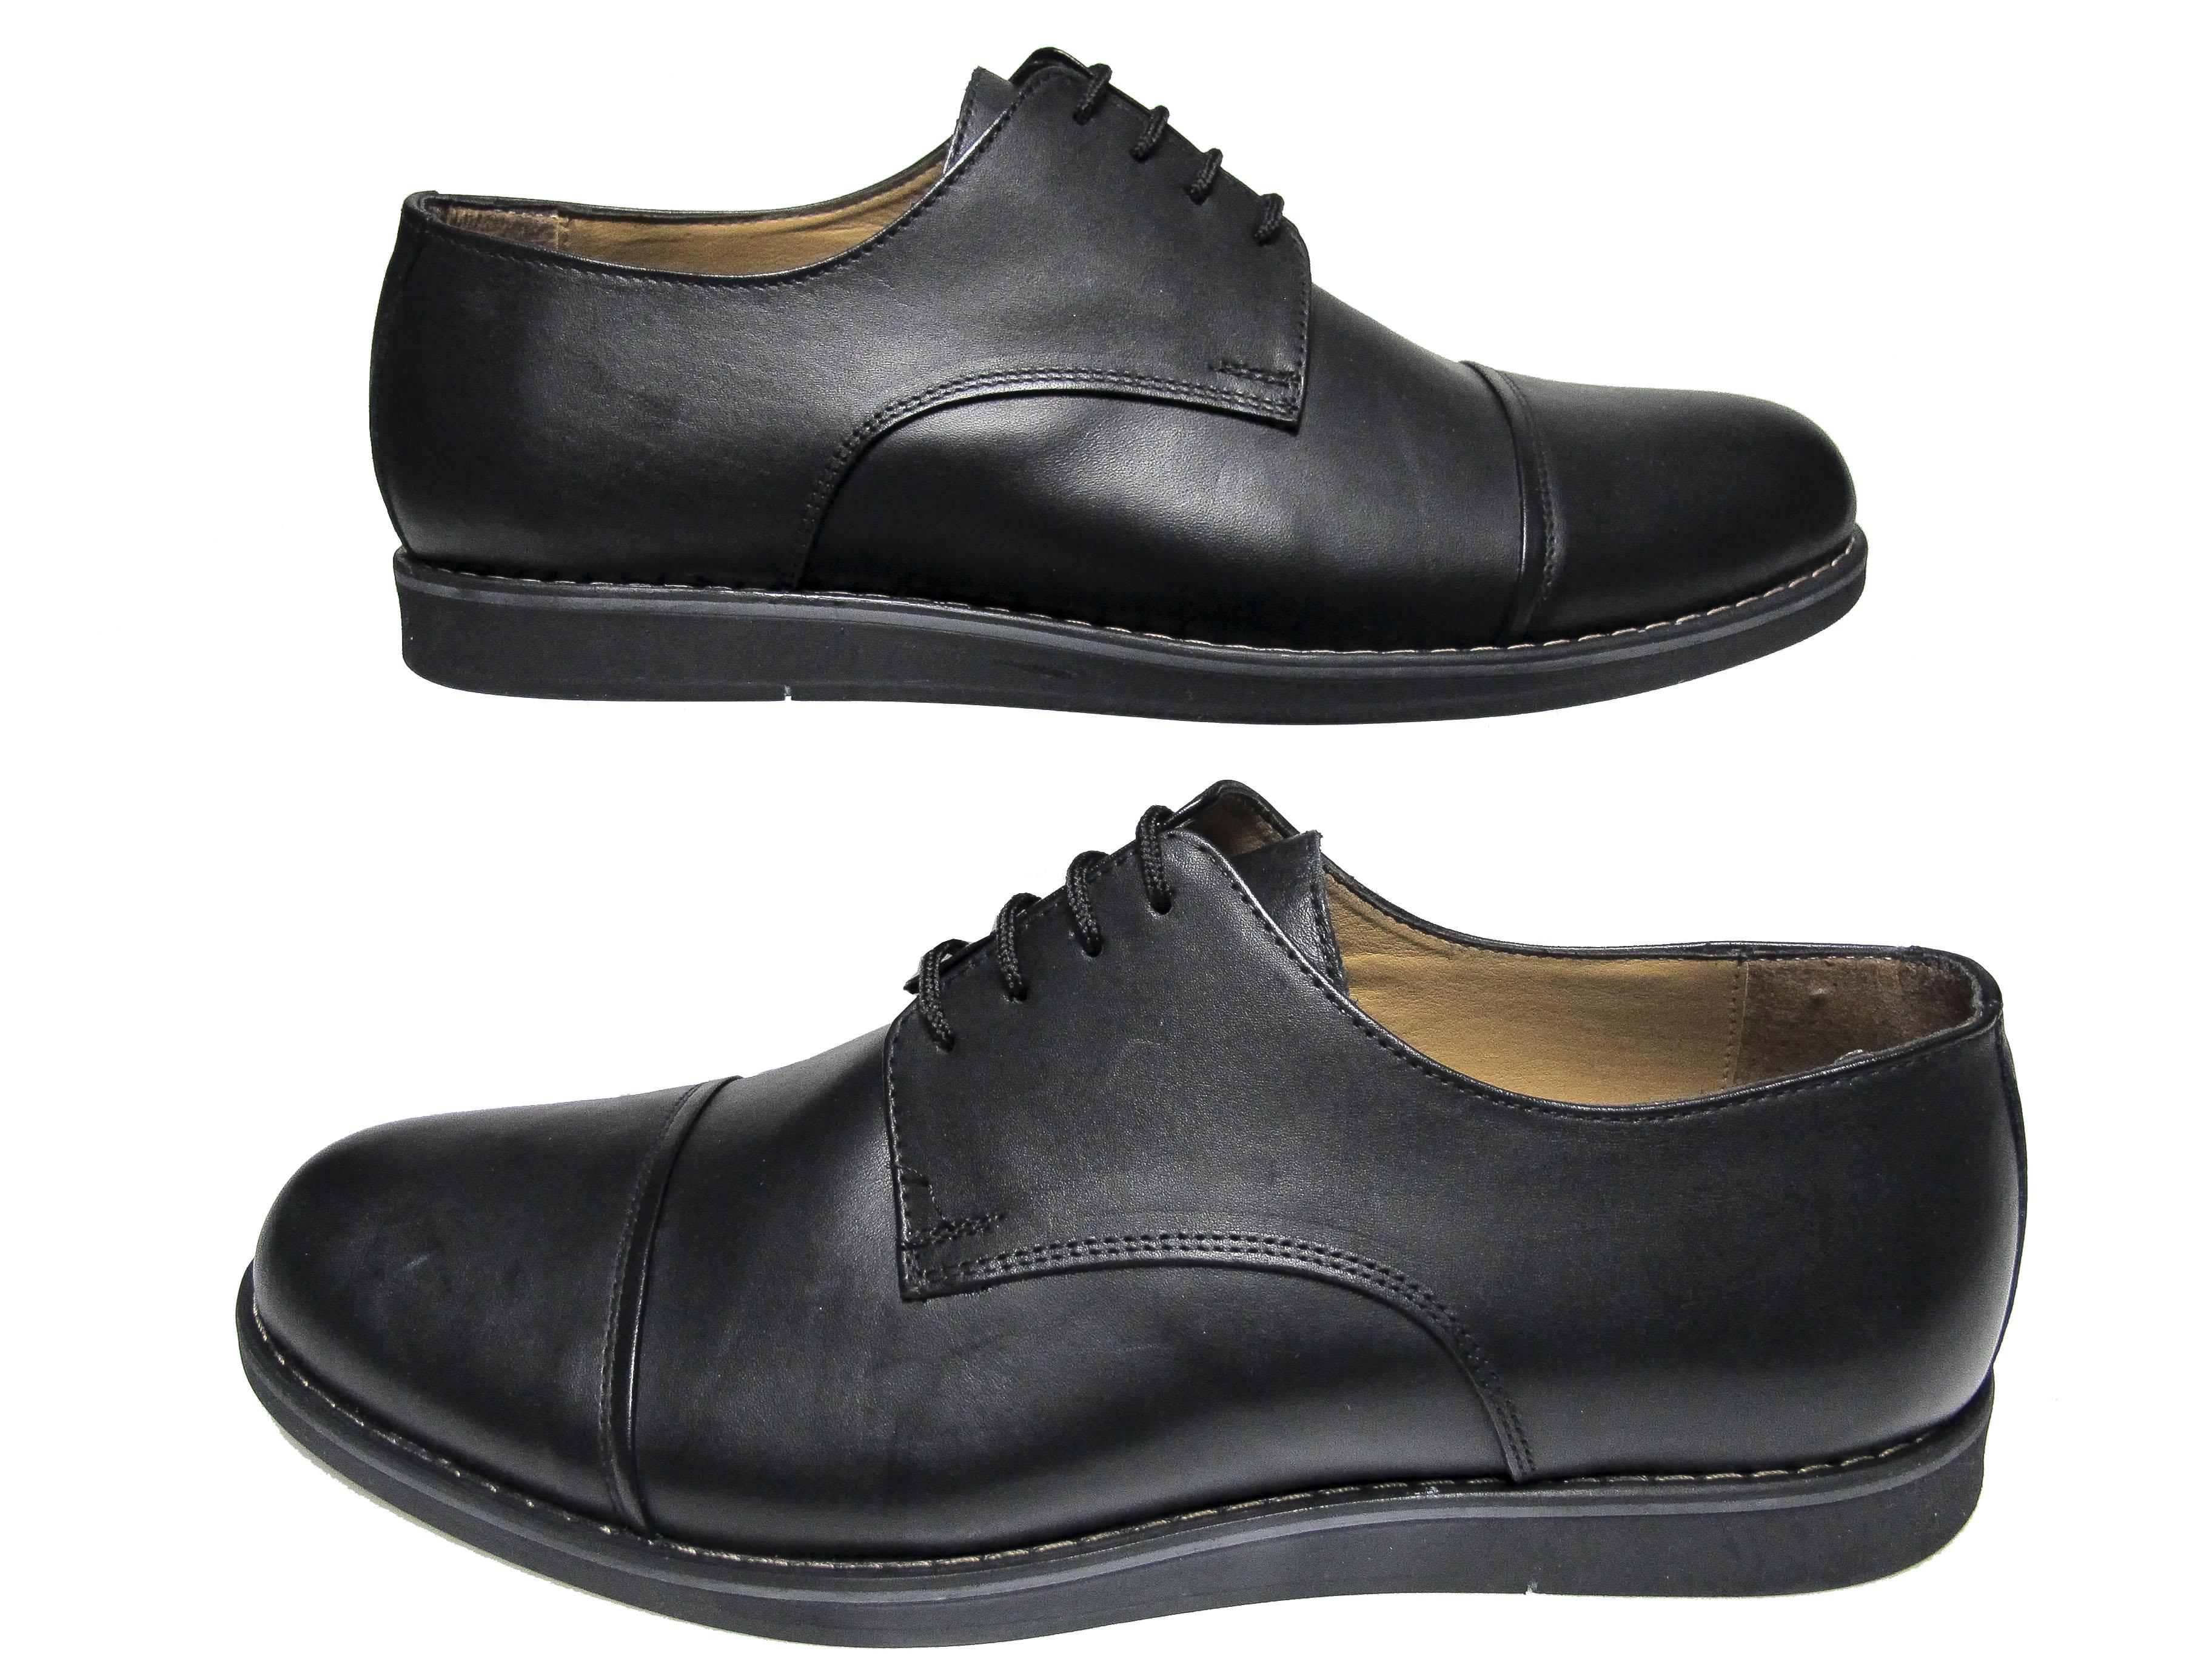 760554f4dfb Мъжки обувки- Гигант естествена кожа черни 150-6611 | Гигант мъжки ...